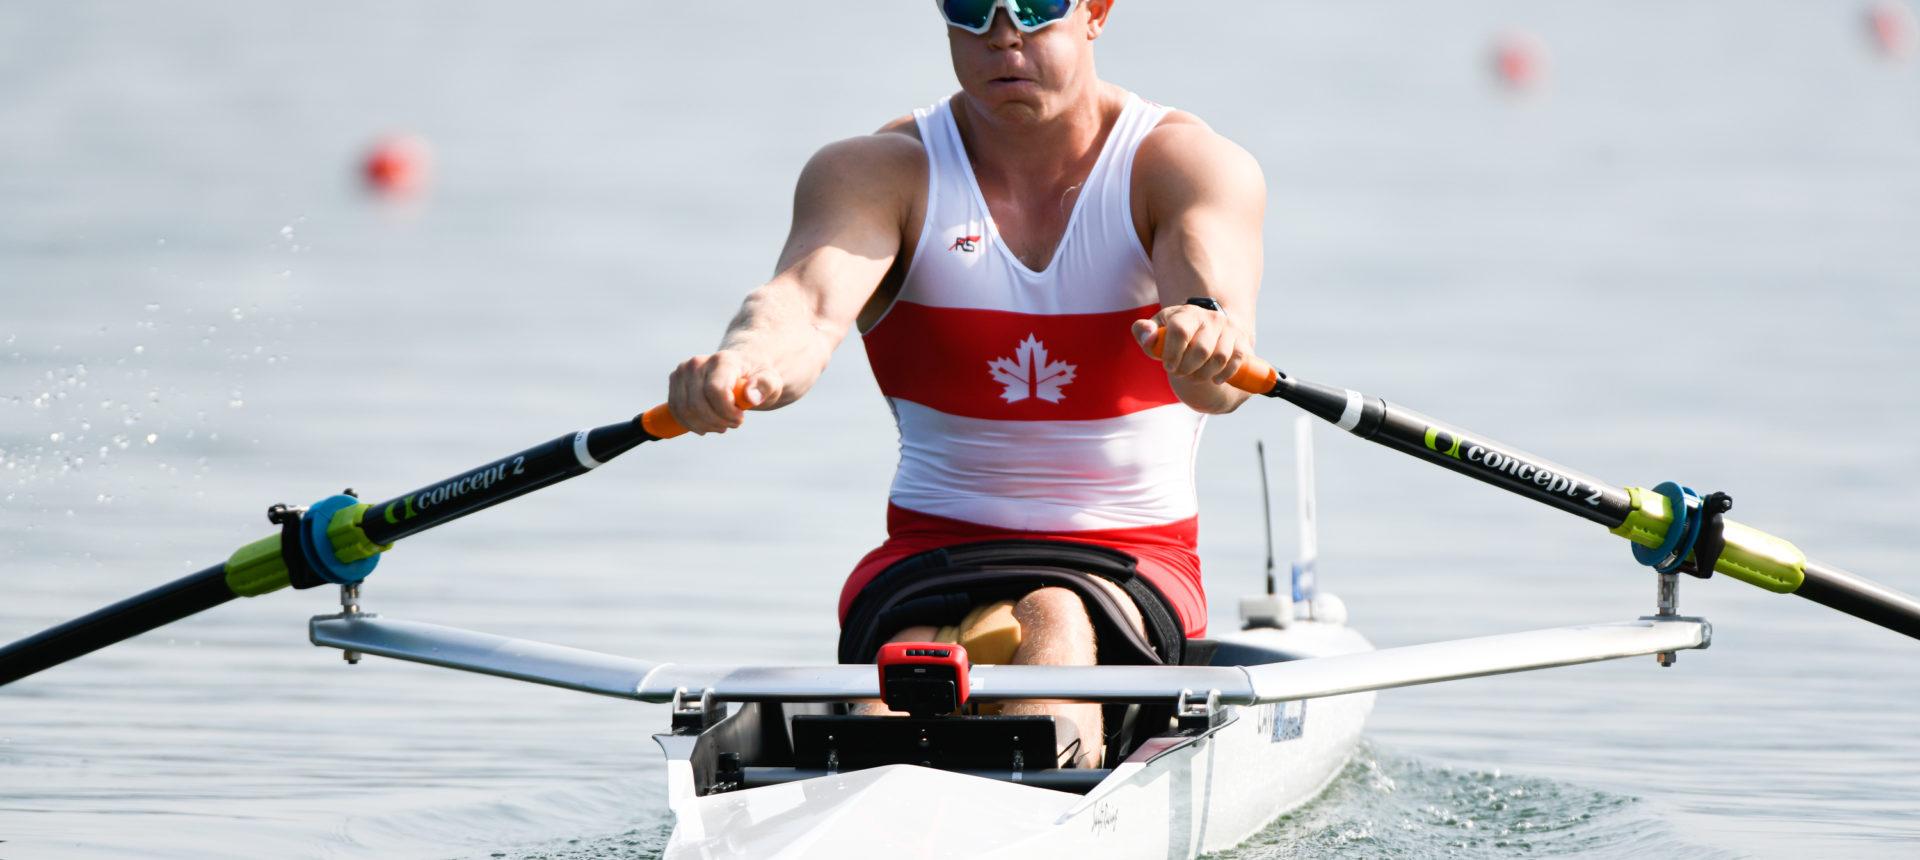 Les para-rameurs canadiens passent en finale A aux Championnats du monde